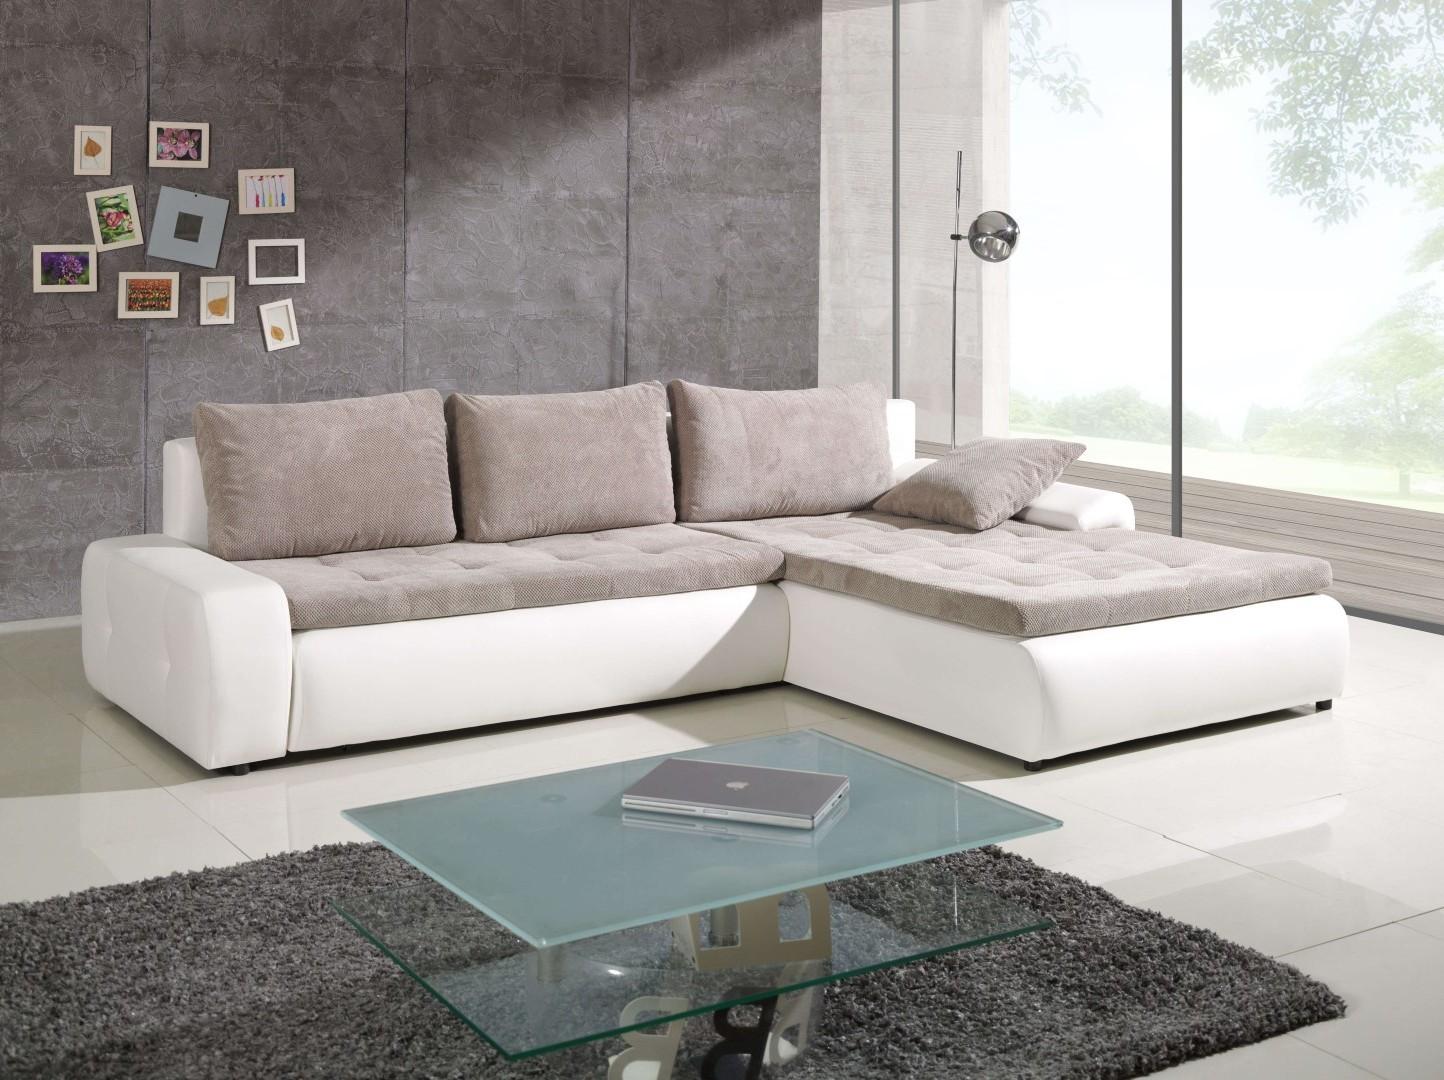 sectional sleeper sofa galileo universal sectional sleeper OPKCQXT